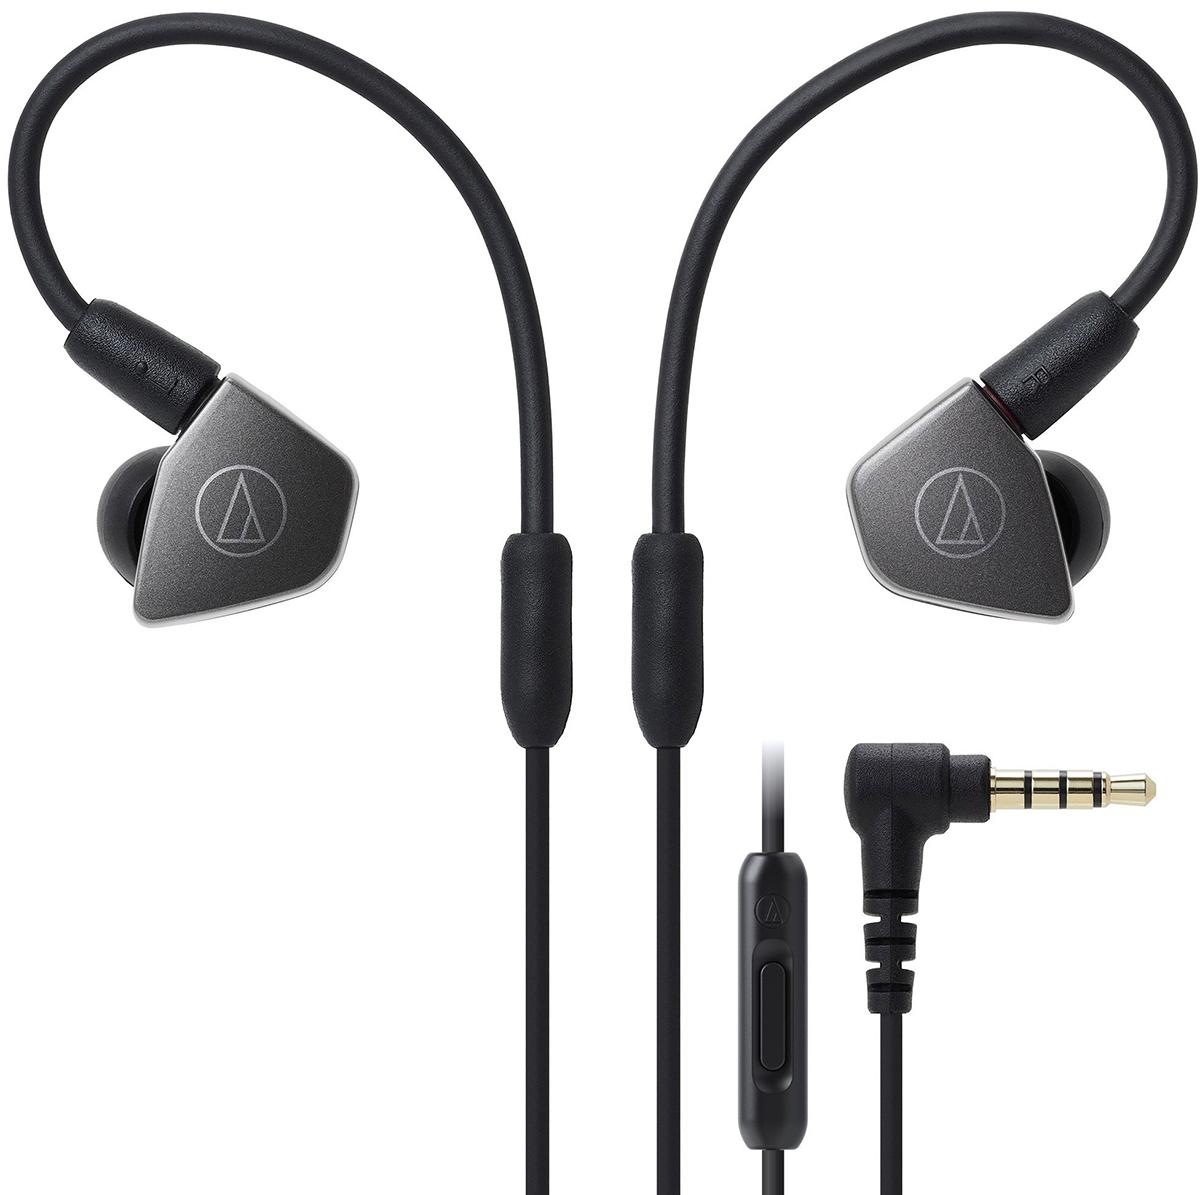 все цены на  Audio-Technica ATH-LS70iS (15119539) - внутриканальные наушники (Black)  онлайн